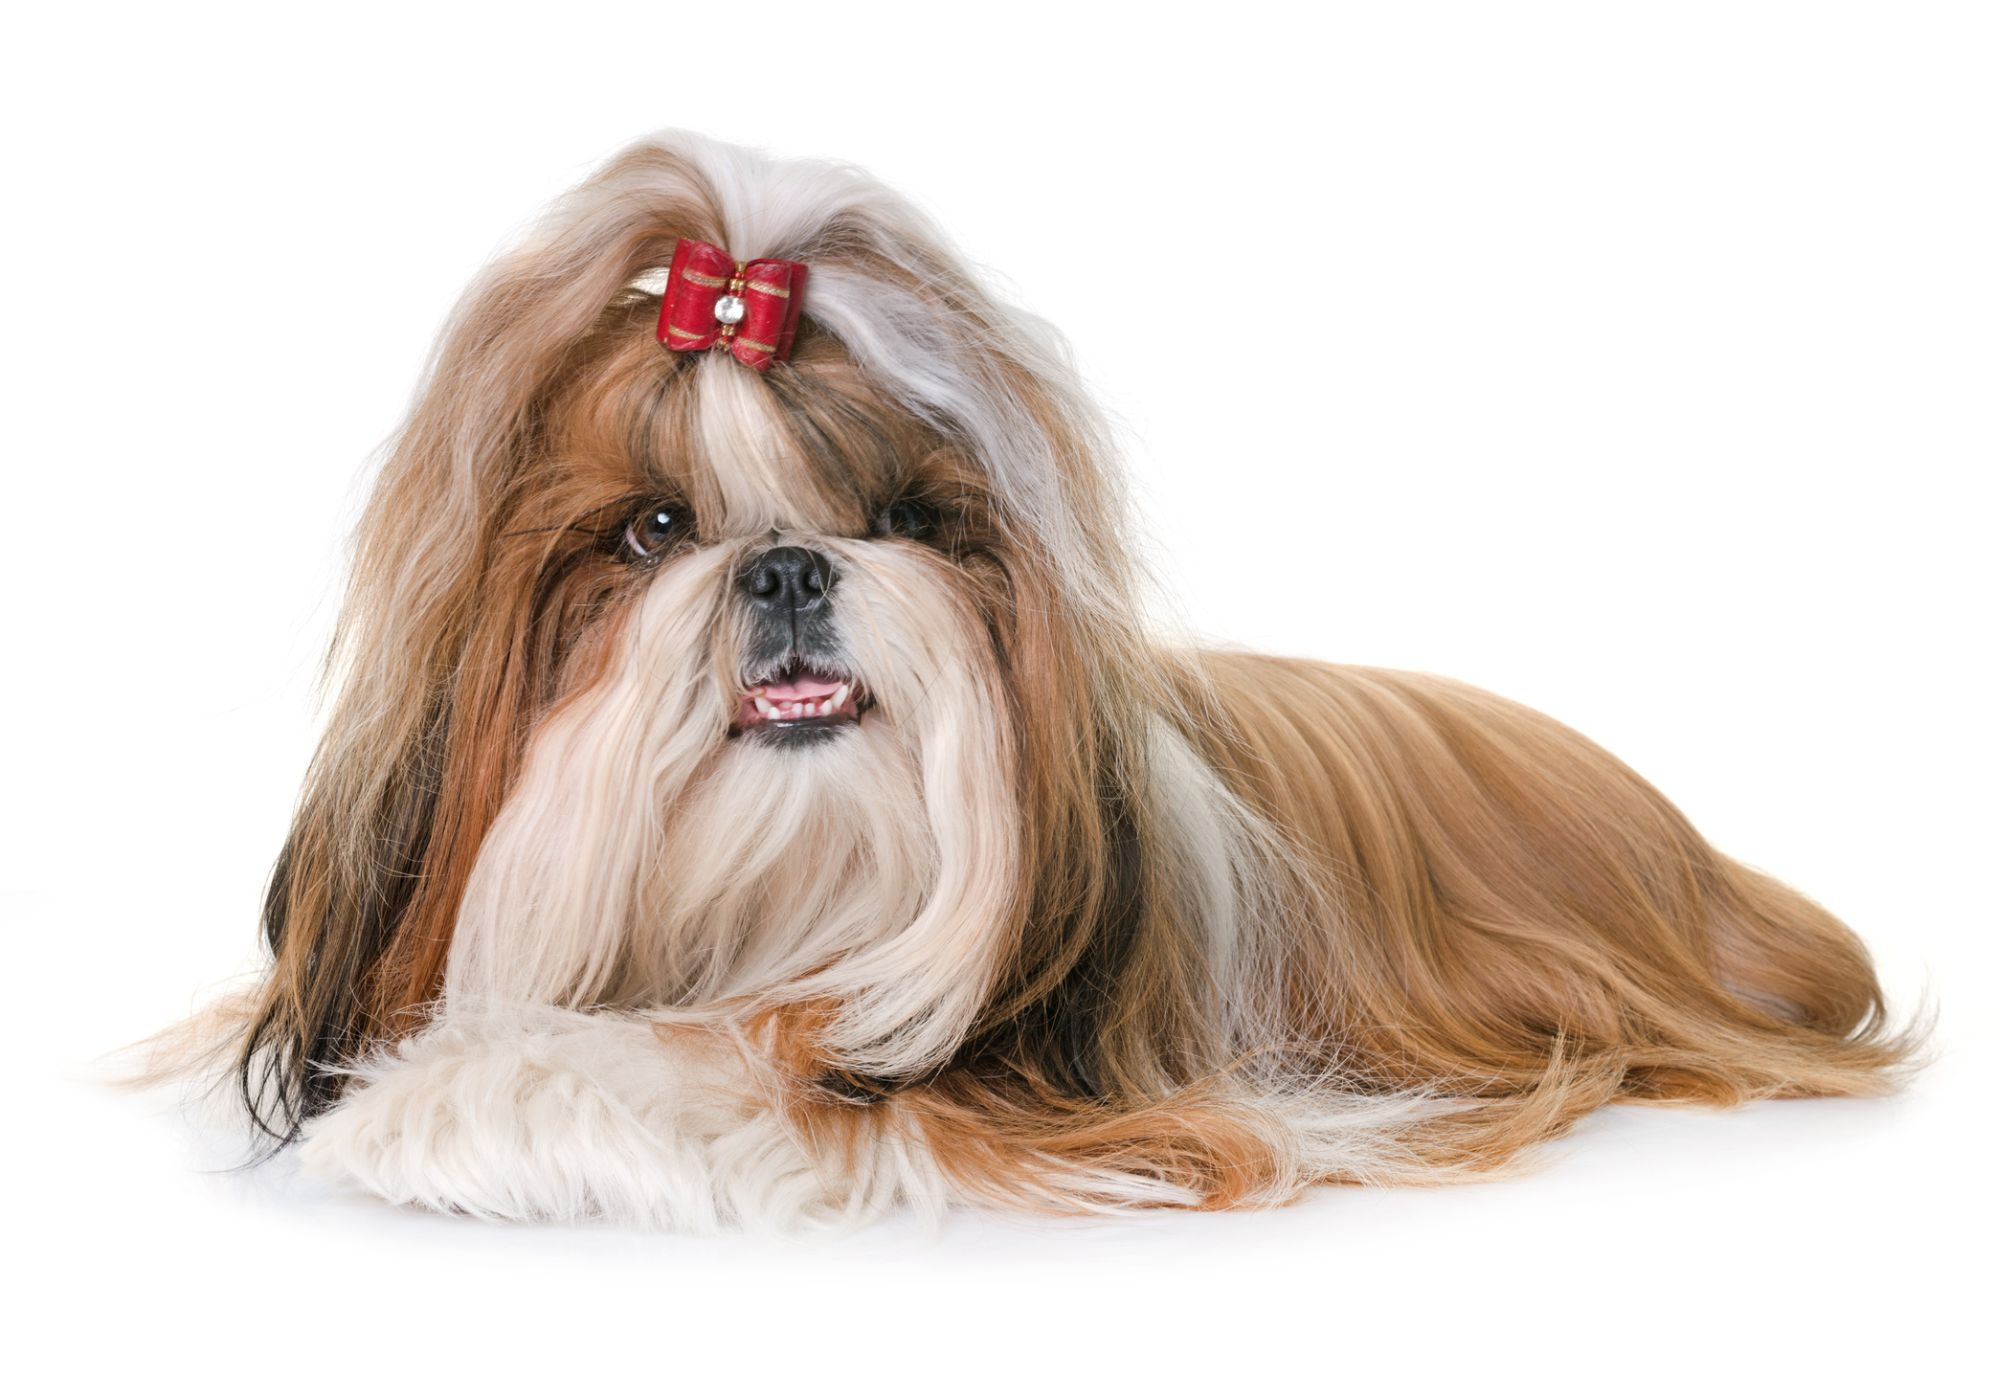 Shih Tzu Lwie Psy żywienie Pielęgnacja Choroby Poradnikzdrowiepl